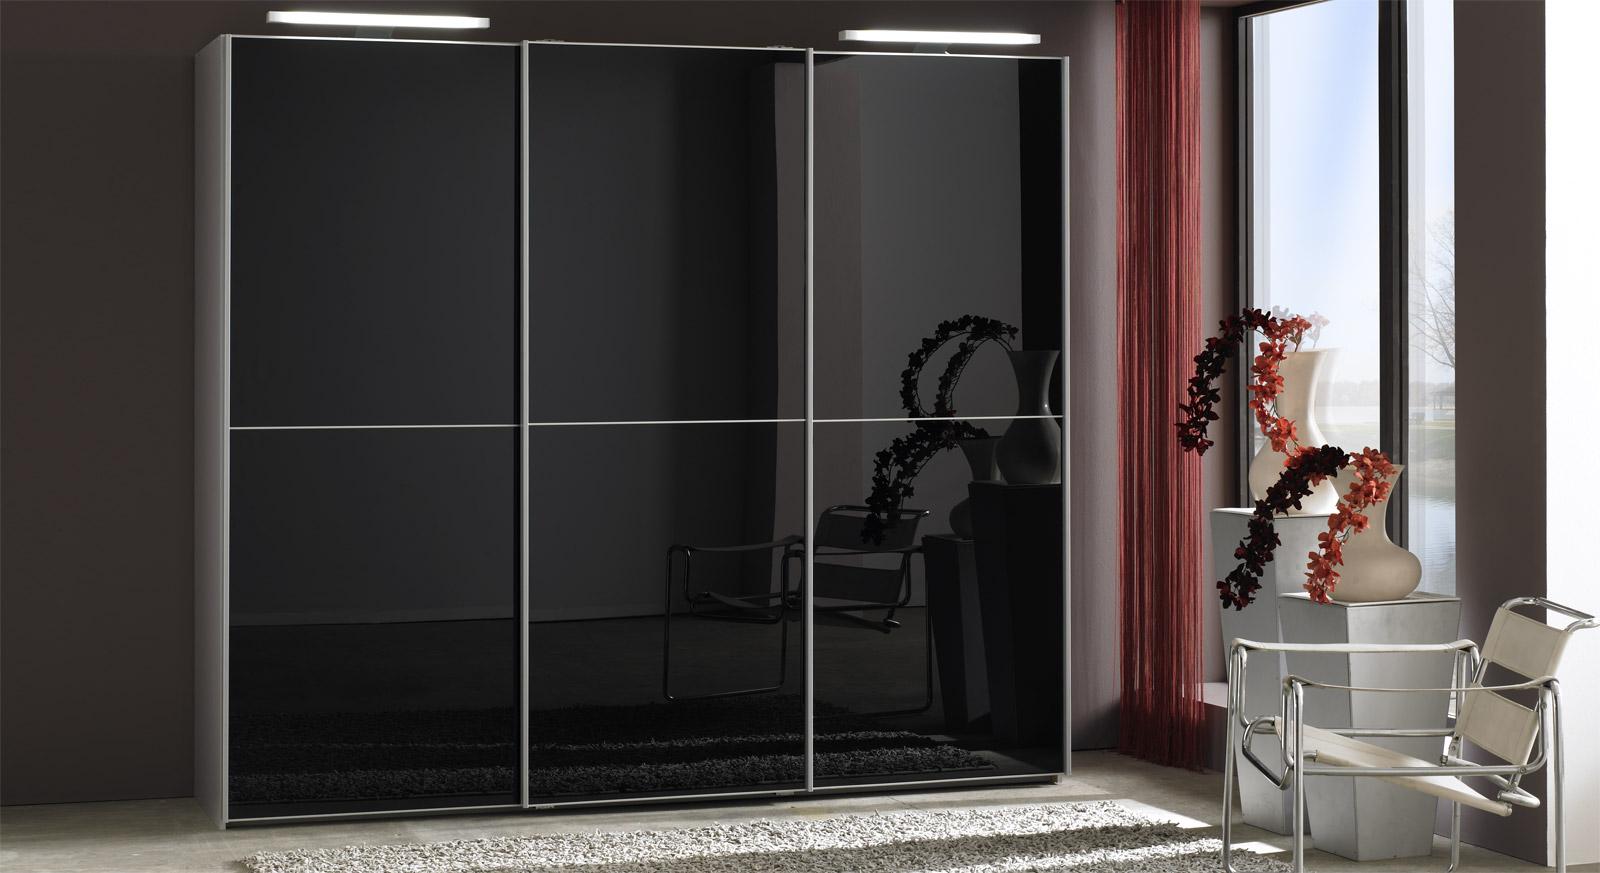 Schwebetüren-Kleiderschrank Madison Schwarz-Glas Silberfarben-Dekor